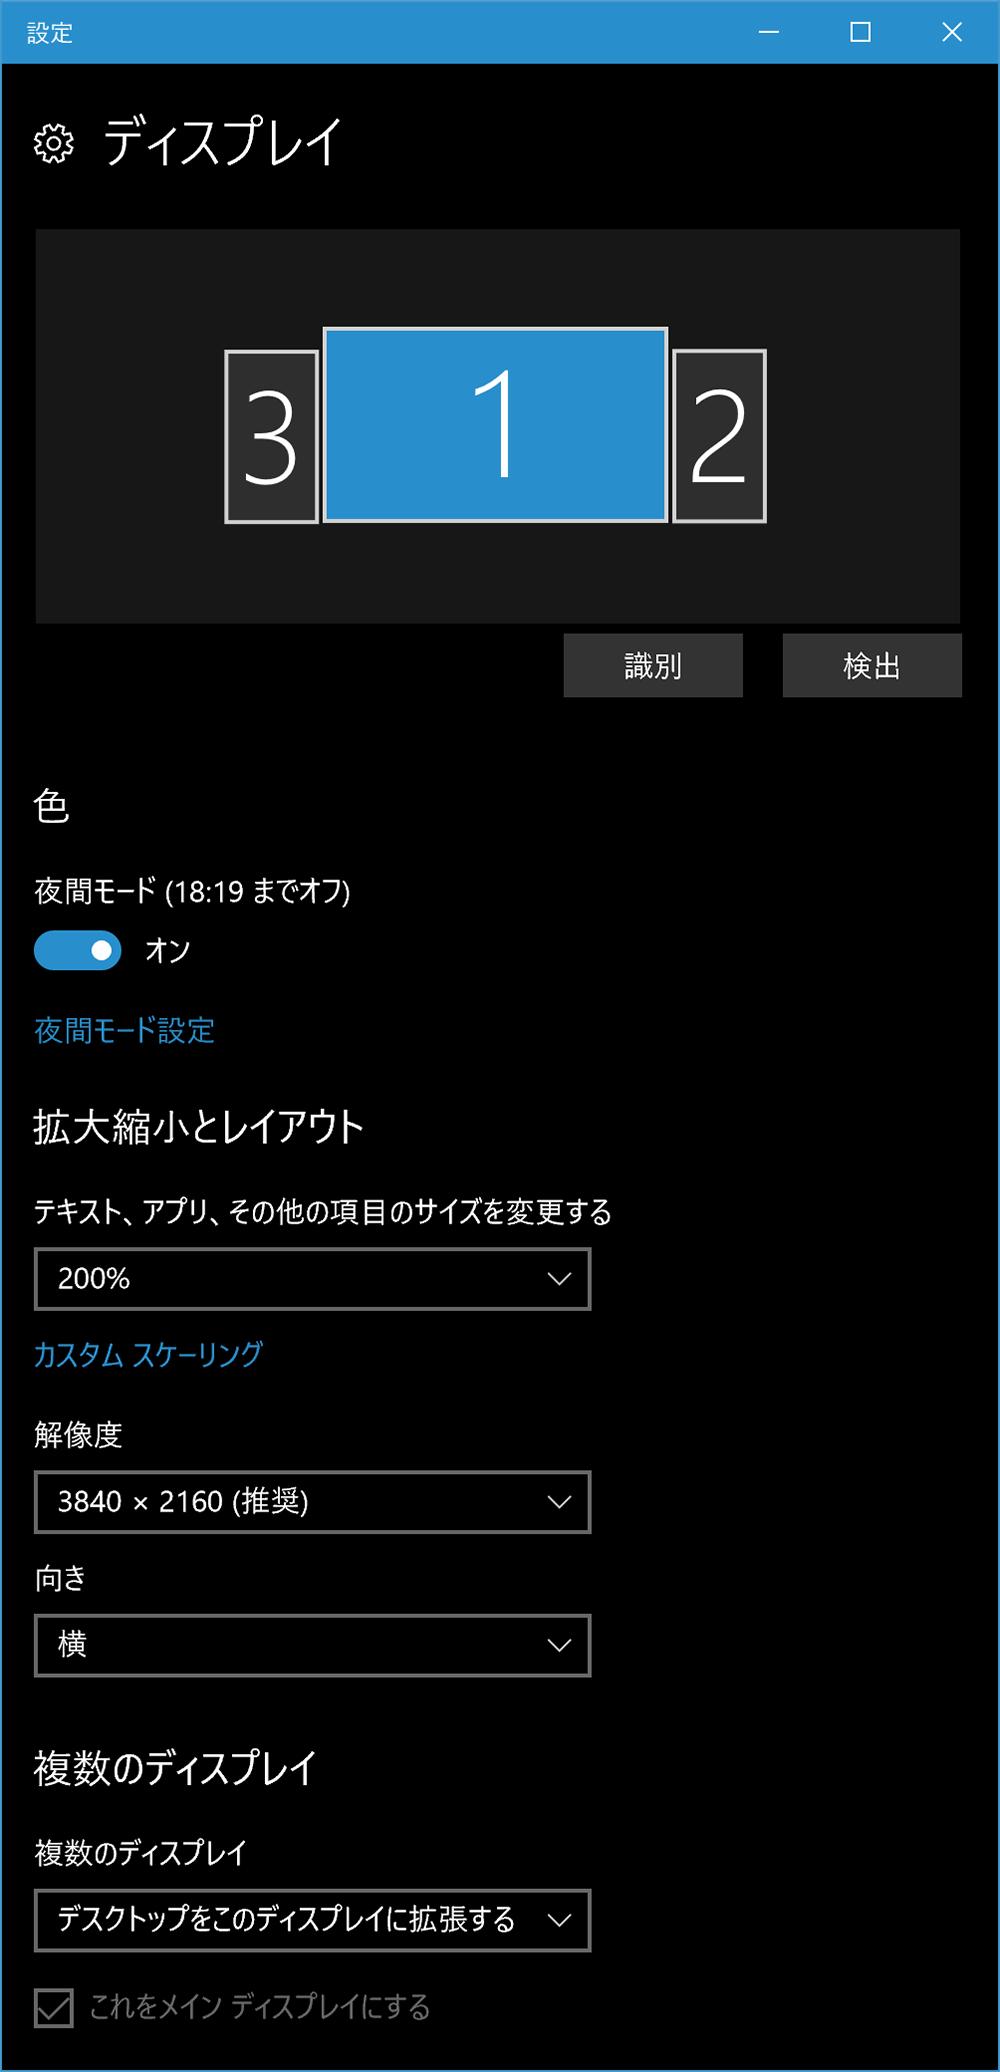 「設定」の[システム]-[ディスプレイ]。Anniversary Updateにおける[ディスプレイの詳細設定]の内容が統合された